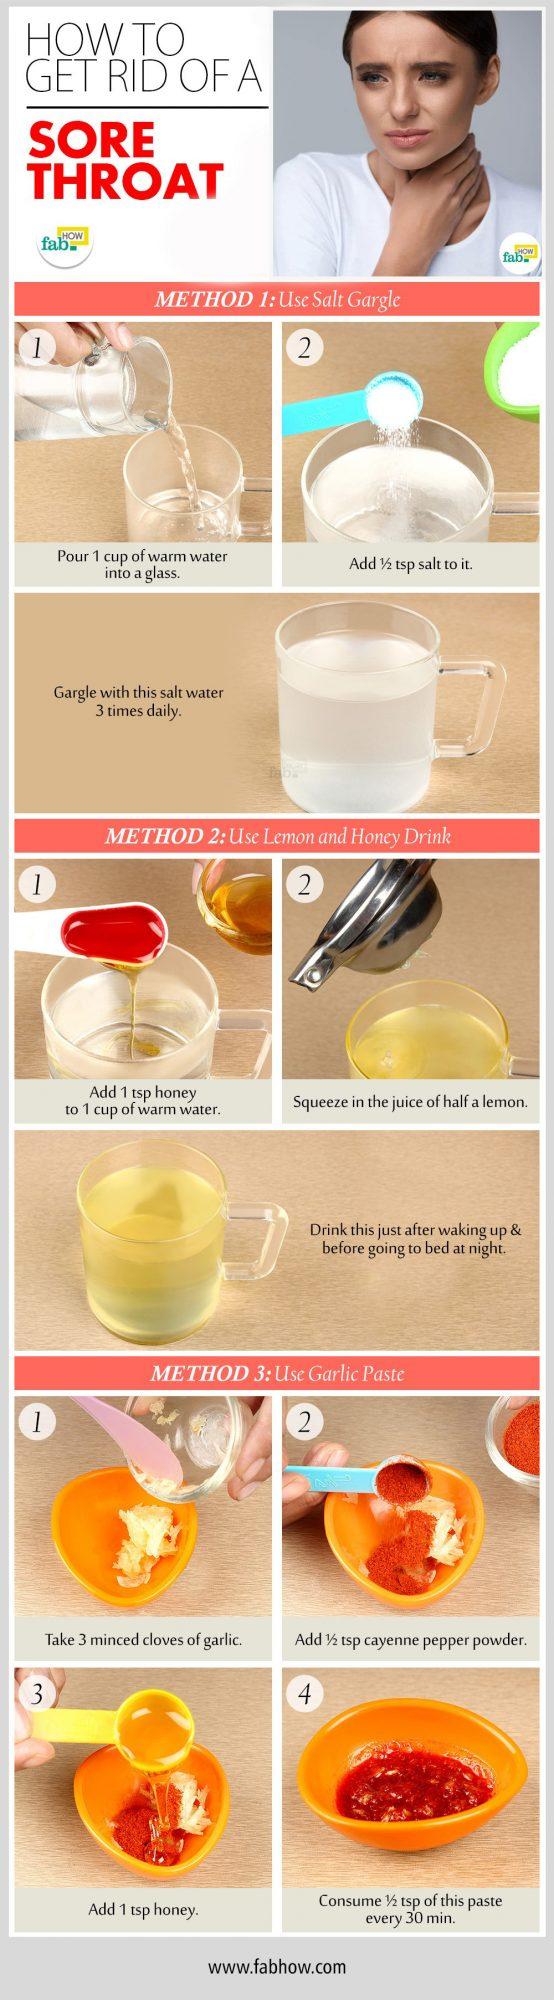 get rid of sore throat